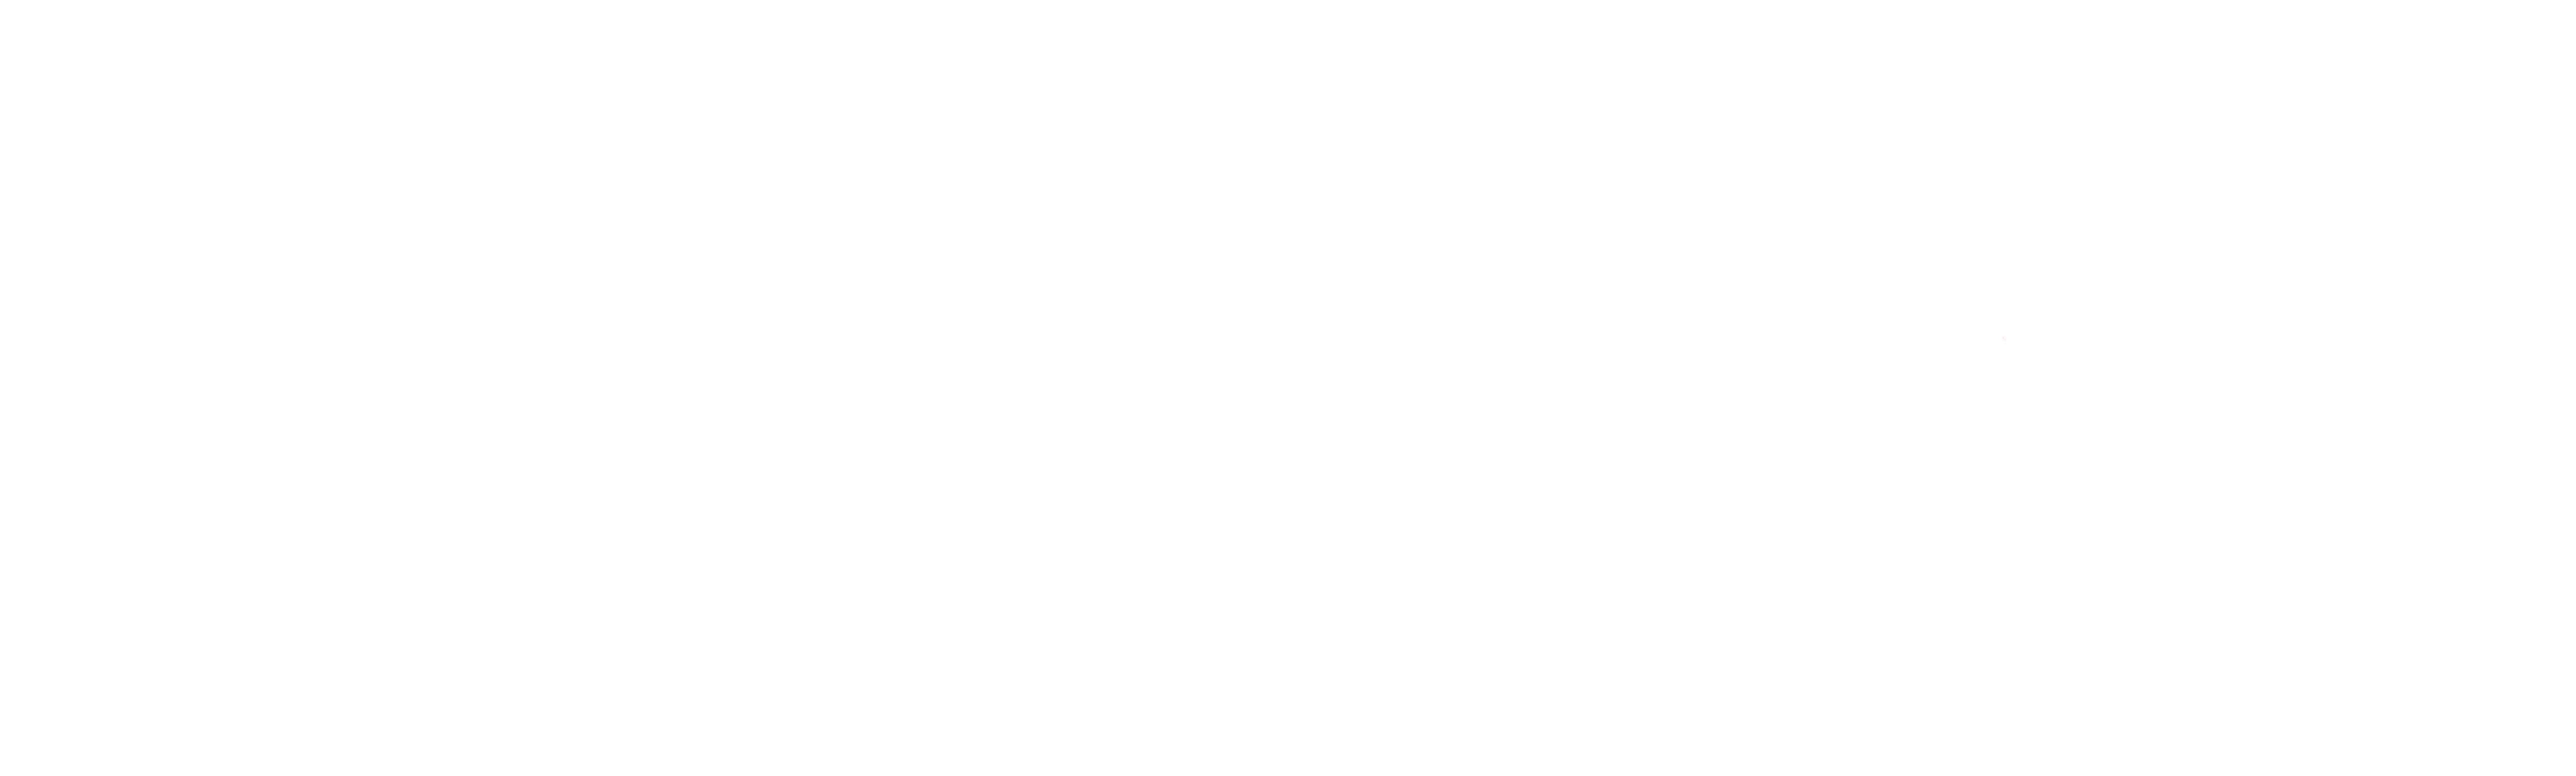 Short Stop Video